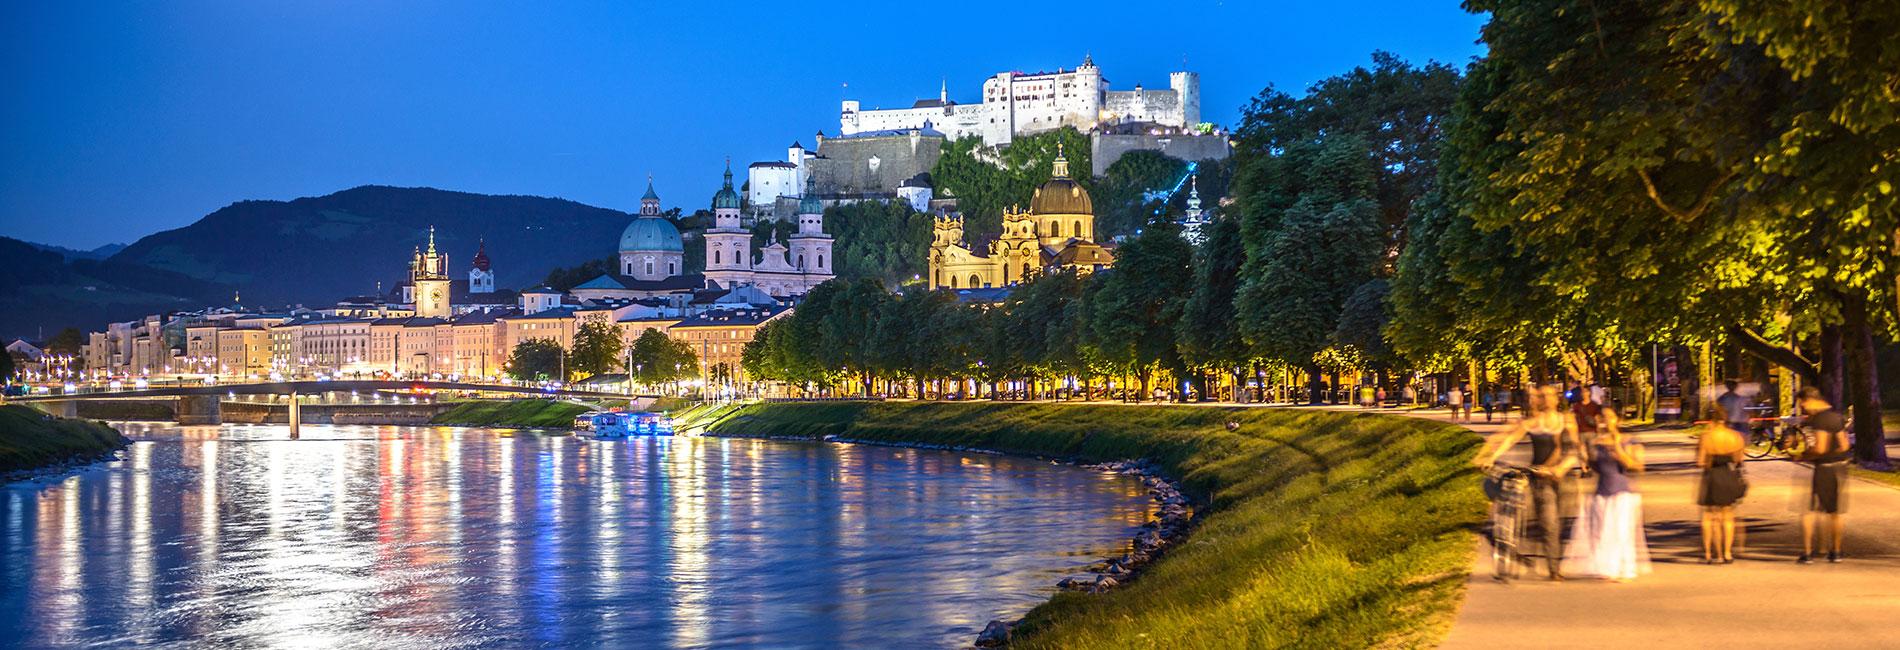 Salzburg Guide Tourismus - Stadtblick Salzach